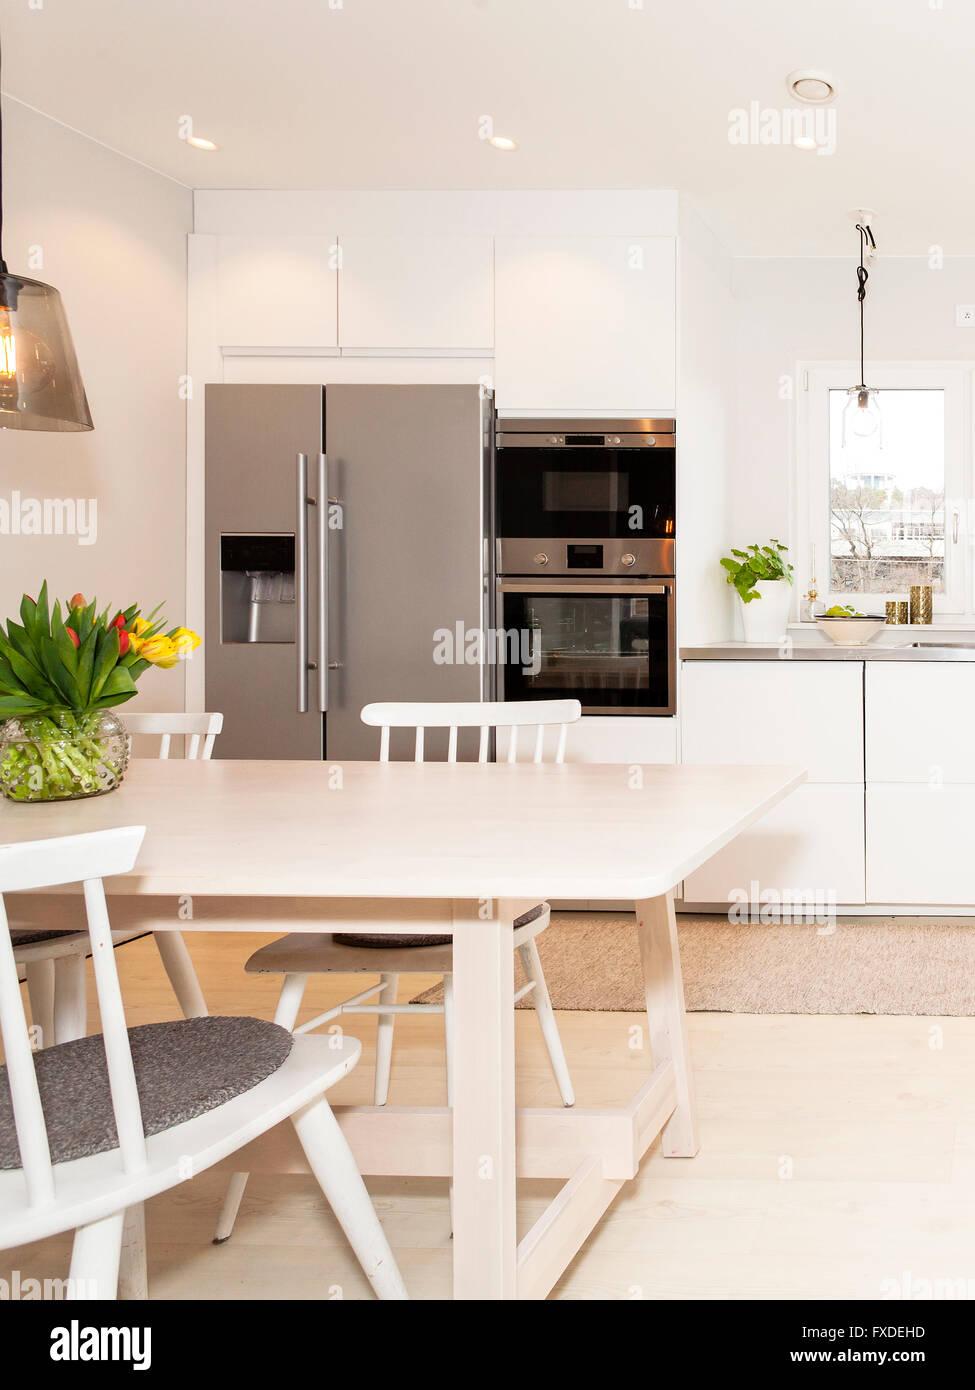 La mesa de la cocina blanca en una elegante cocina con ...